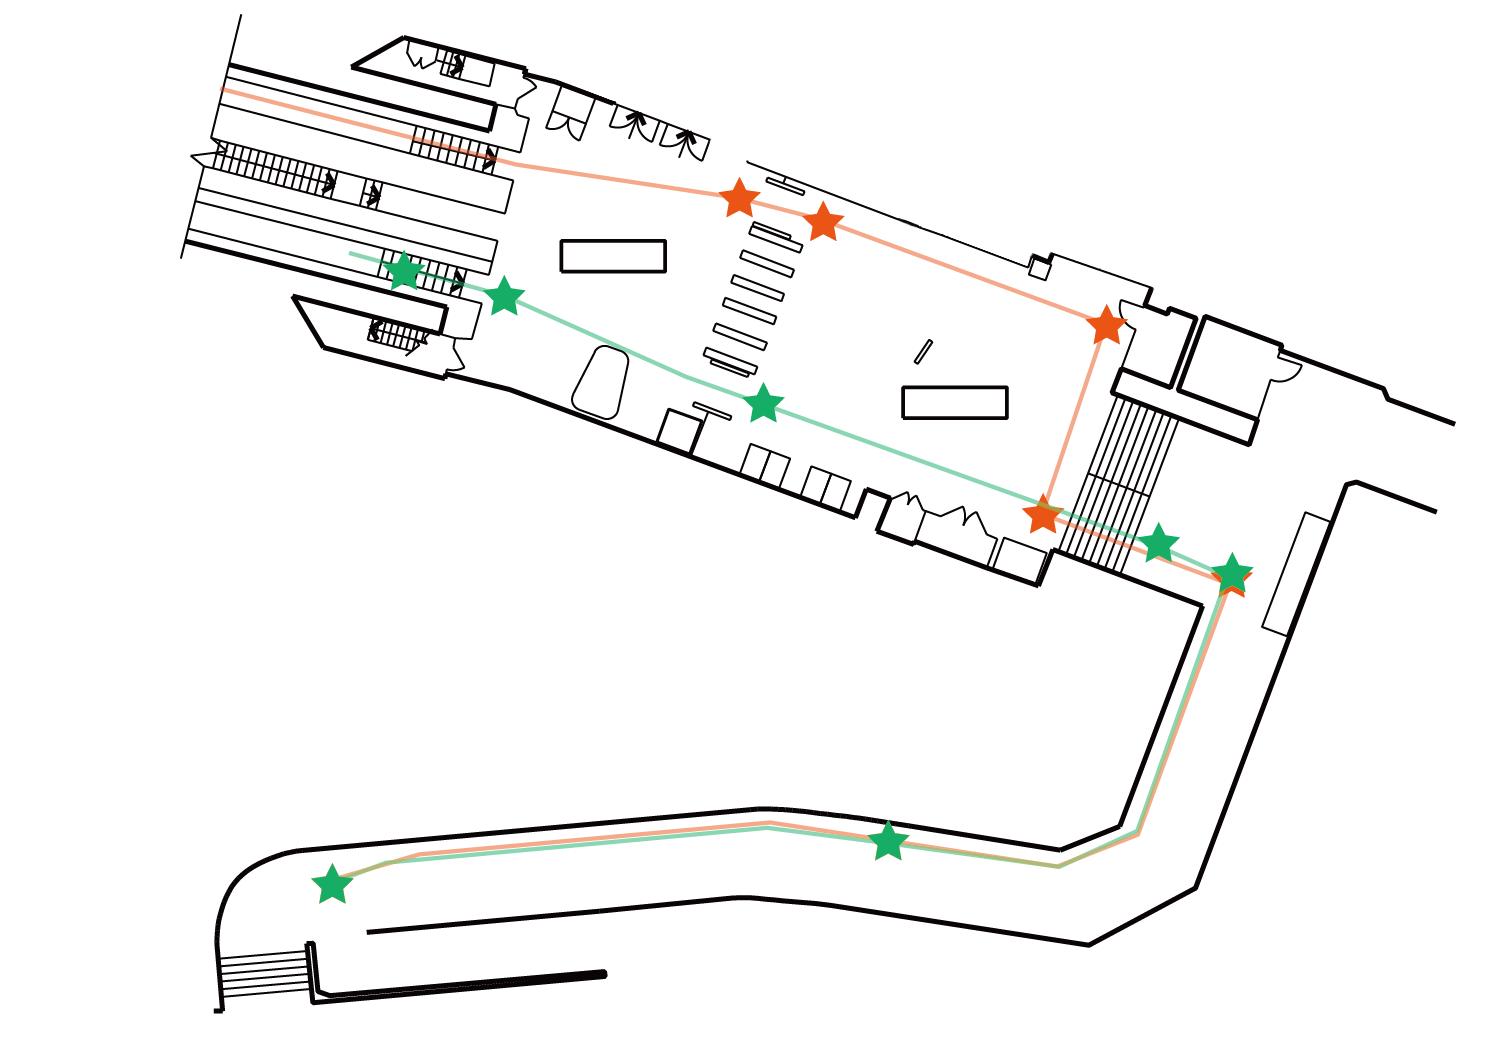 pimlico map